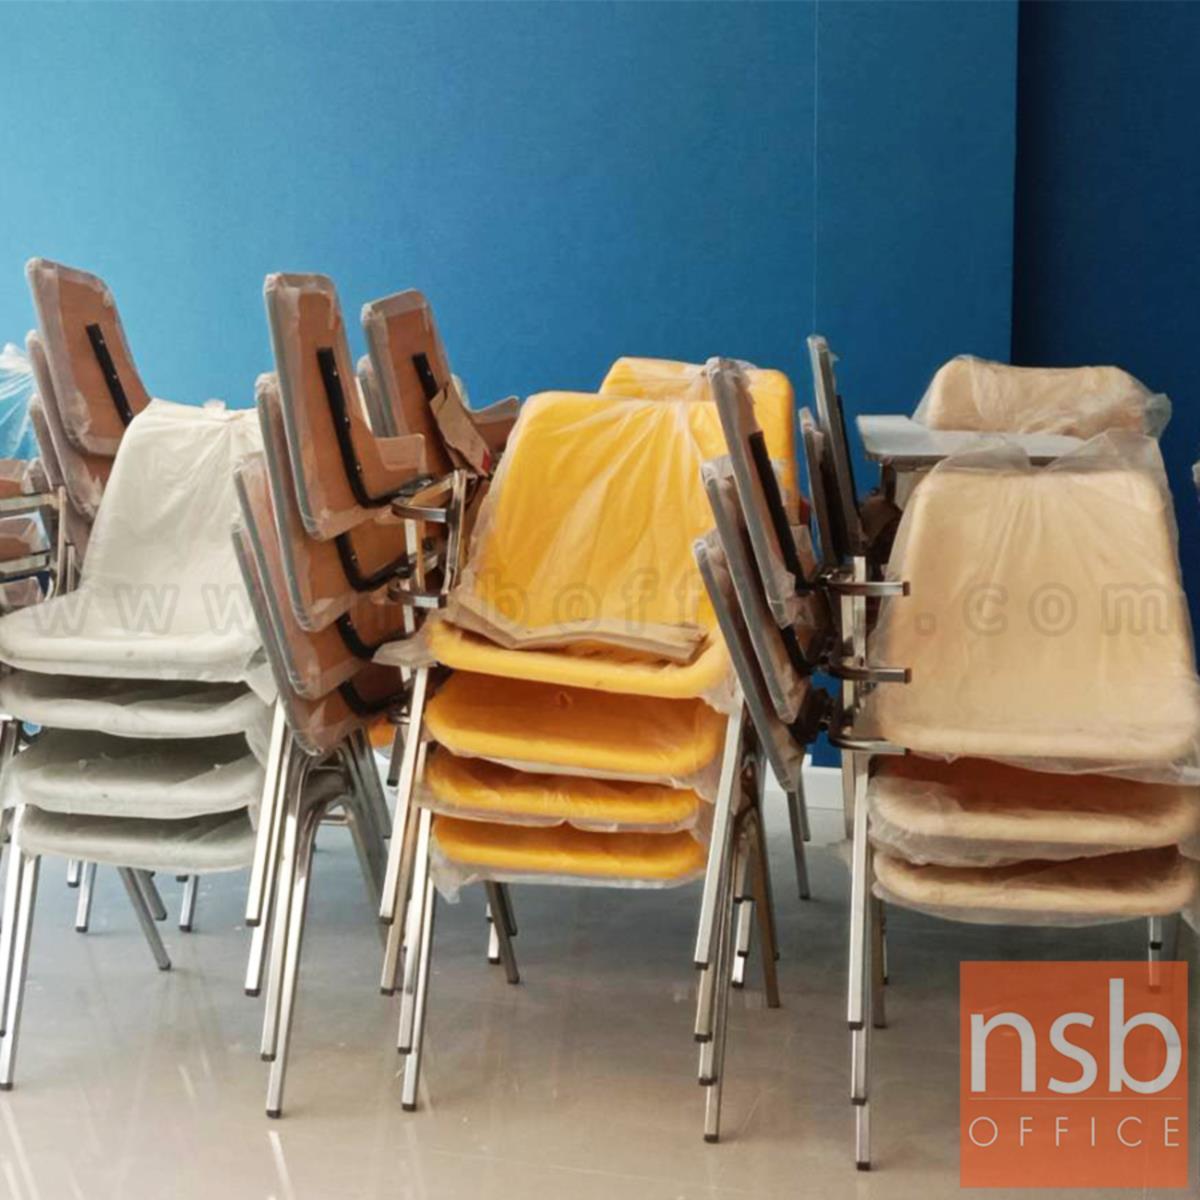 เก้าอี้เลคเชอร์เฟรมโพลี่ รุ่น Clarins (คลาแรงส์) ขาเหล็กชุบโครเมี่ยมและขาเหล็กพ่นดำ